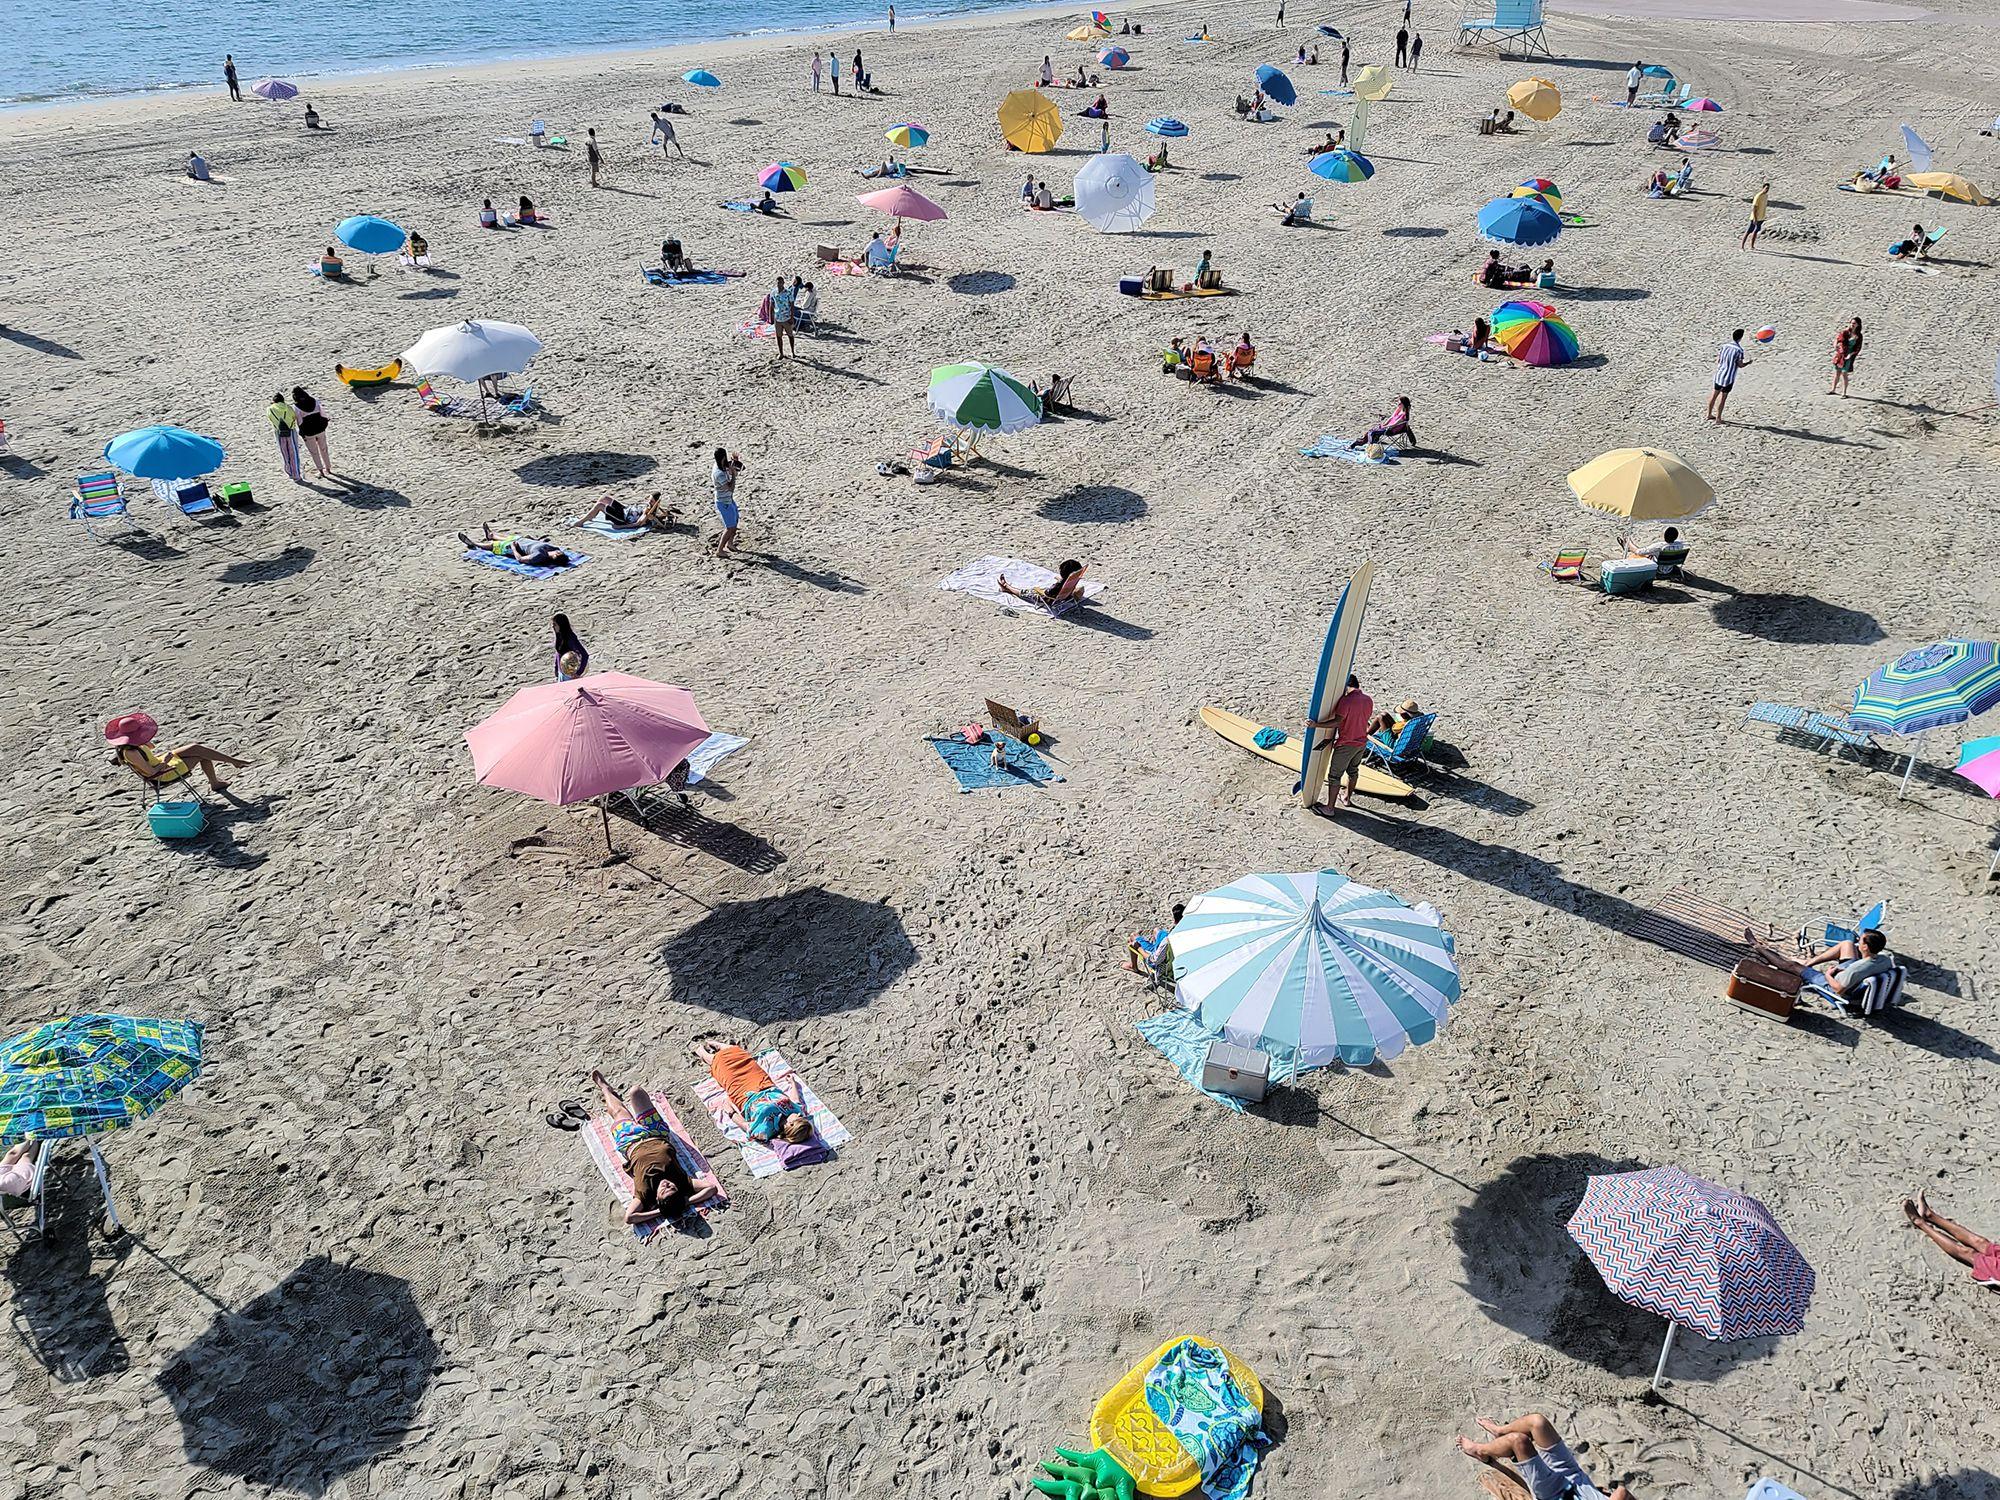 Фотоснимок людей на пляже, сделанный камерой телефона Galaxy S20 Ultra 5G. При увеличении изображения мы видим смешную сцену с собакой, сидящей на полотенце в розовых очках. Это иллюстрирует возможности функции Space Zoom для фиксации моментов, которые мы бы просто не заметили при съемке обычной камерой